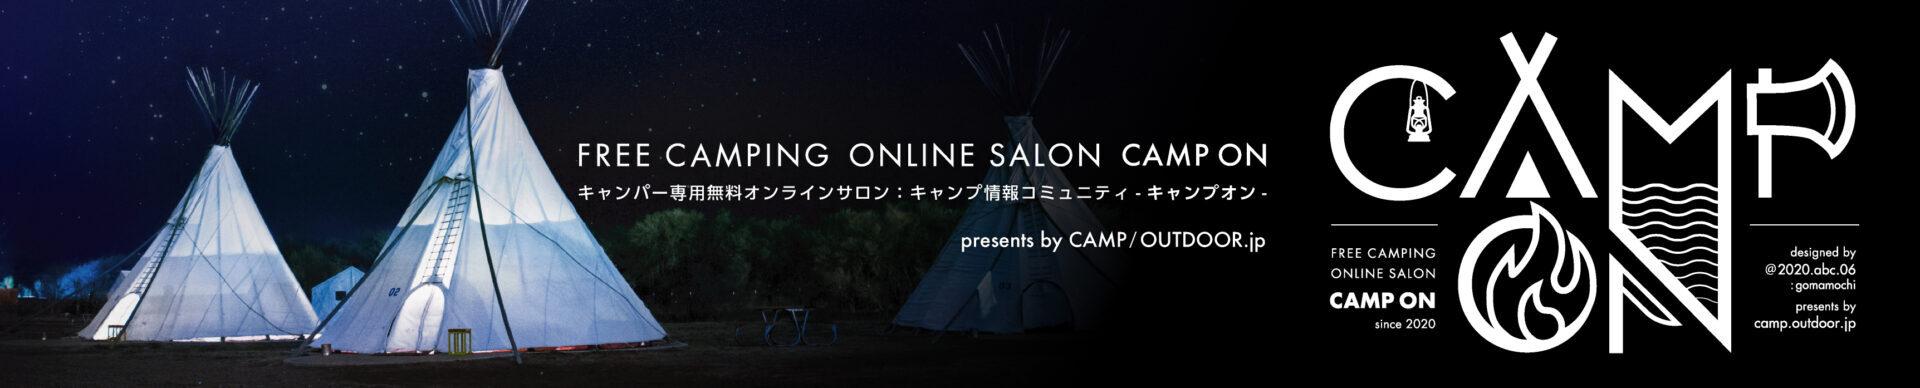 【キャンプオン】CAMP ON [キャンパー専用無料オンラインサロン/SNS掲示板]